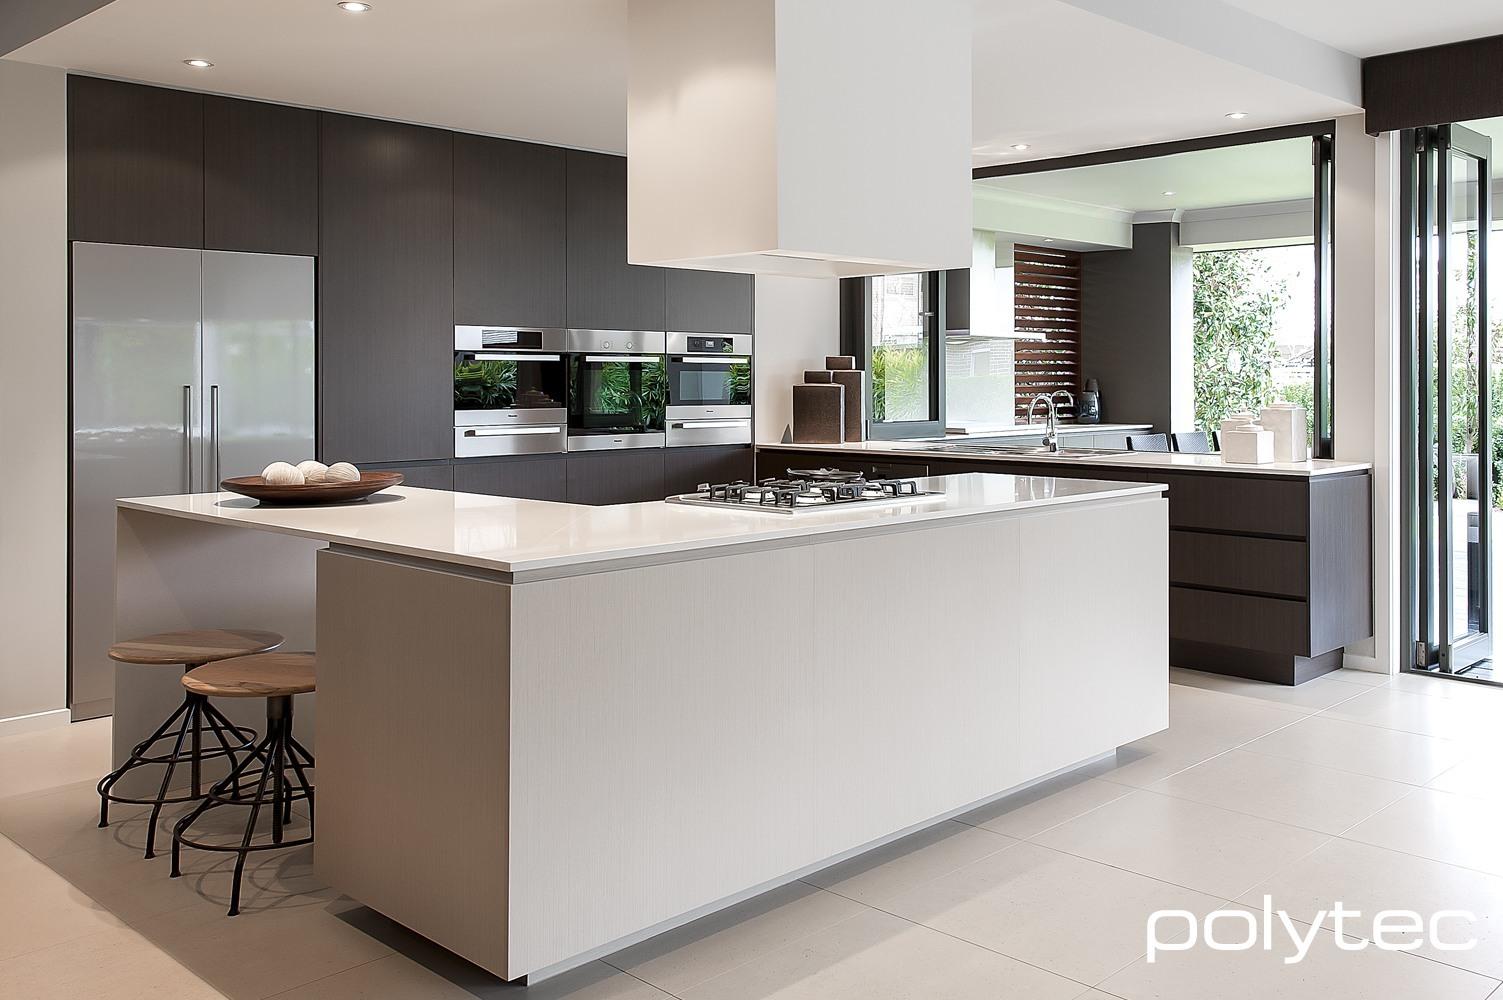 Polytec Kitchen Doors